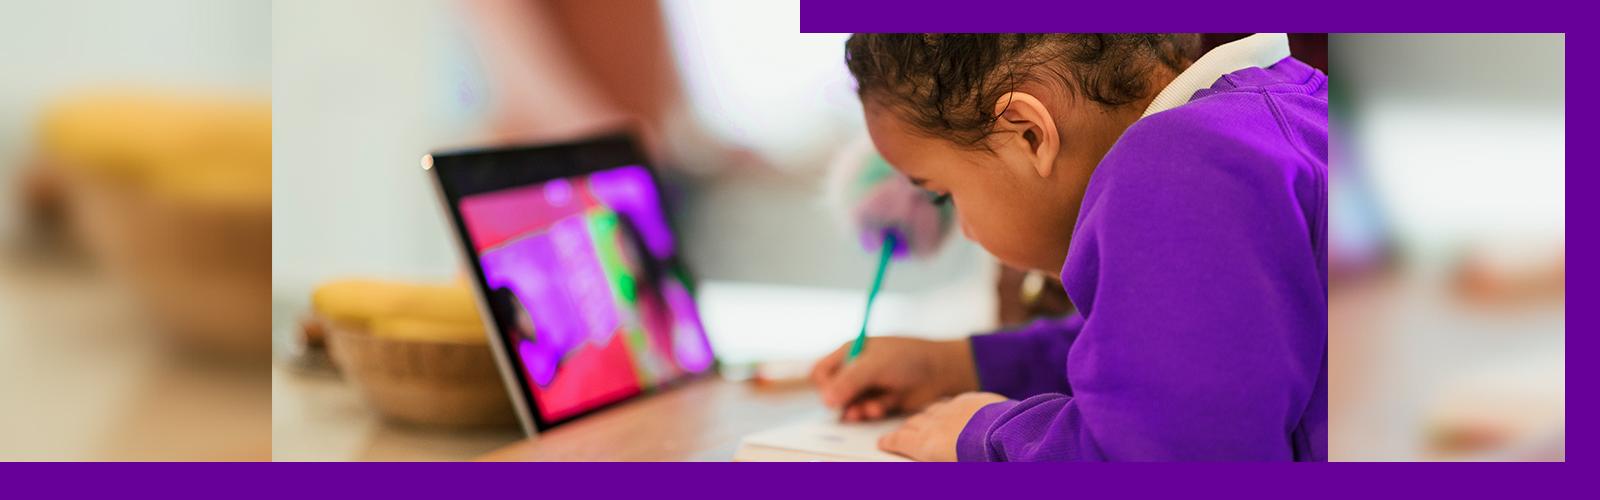 Imagem mostra menina escrevendo em um caderno. Na frente dela se vê um tablet.